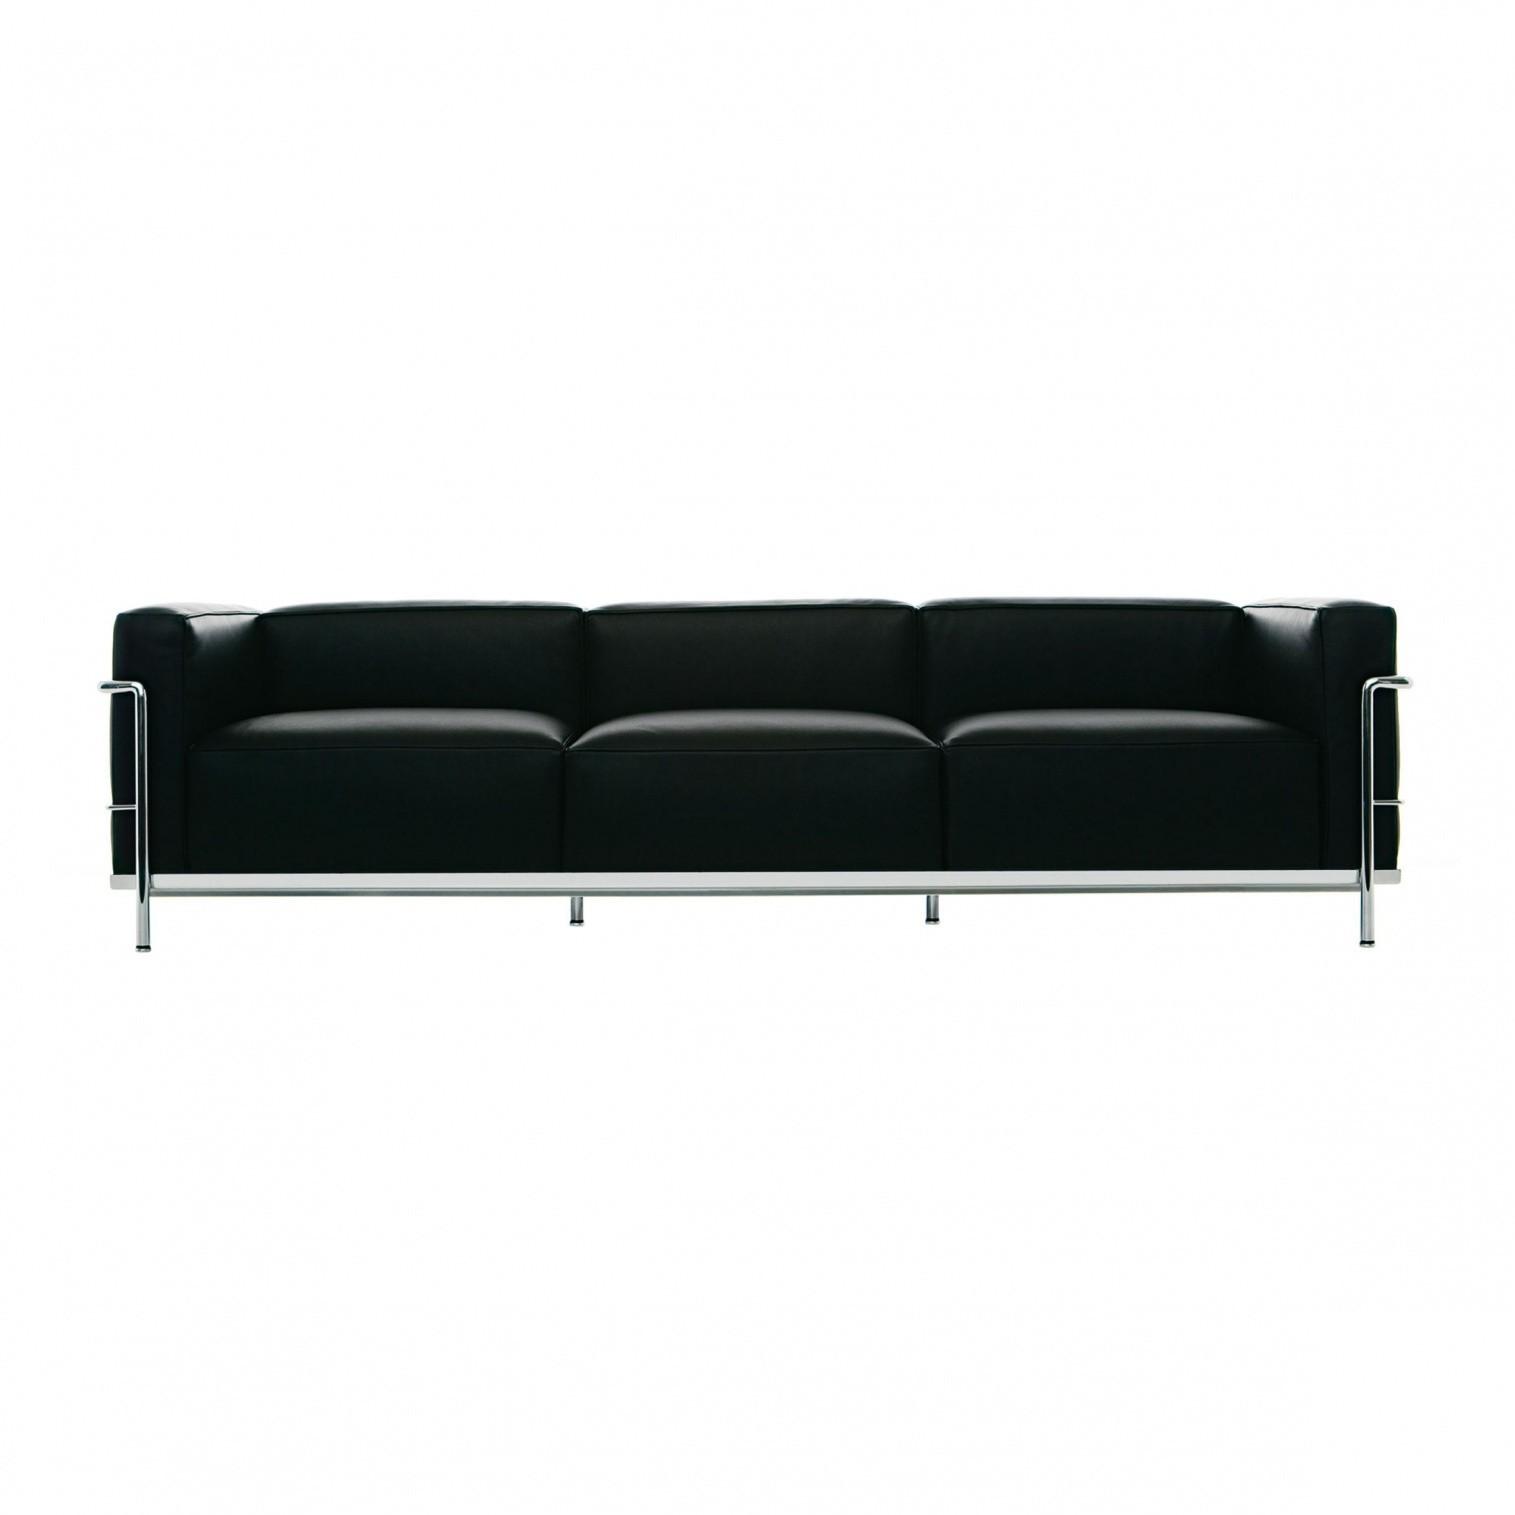 Cassina Le Corbusier LC3 3 Sitzer Sofa 1515x1515 ID 7c9ef8c049aa808f7f1b8dbbee0b0e56